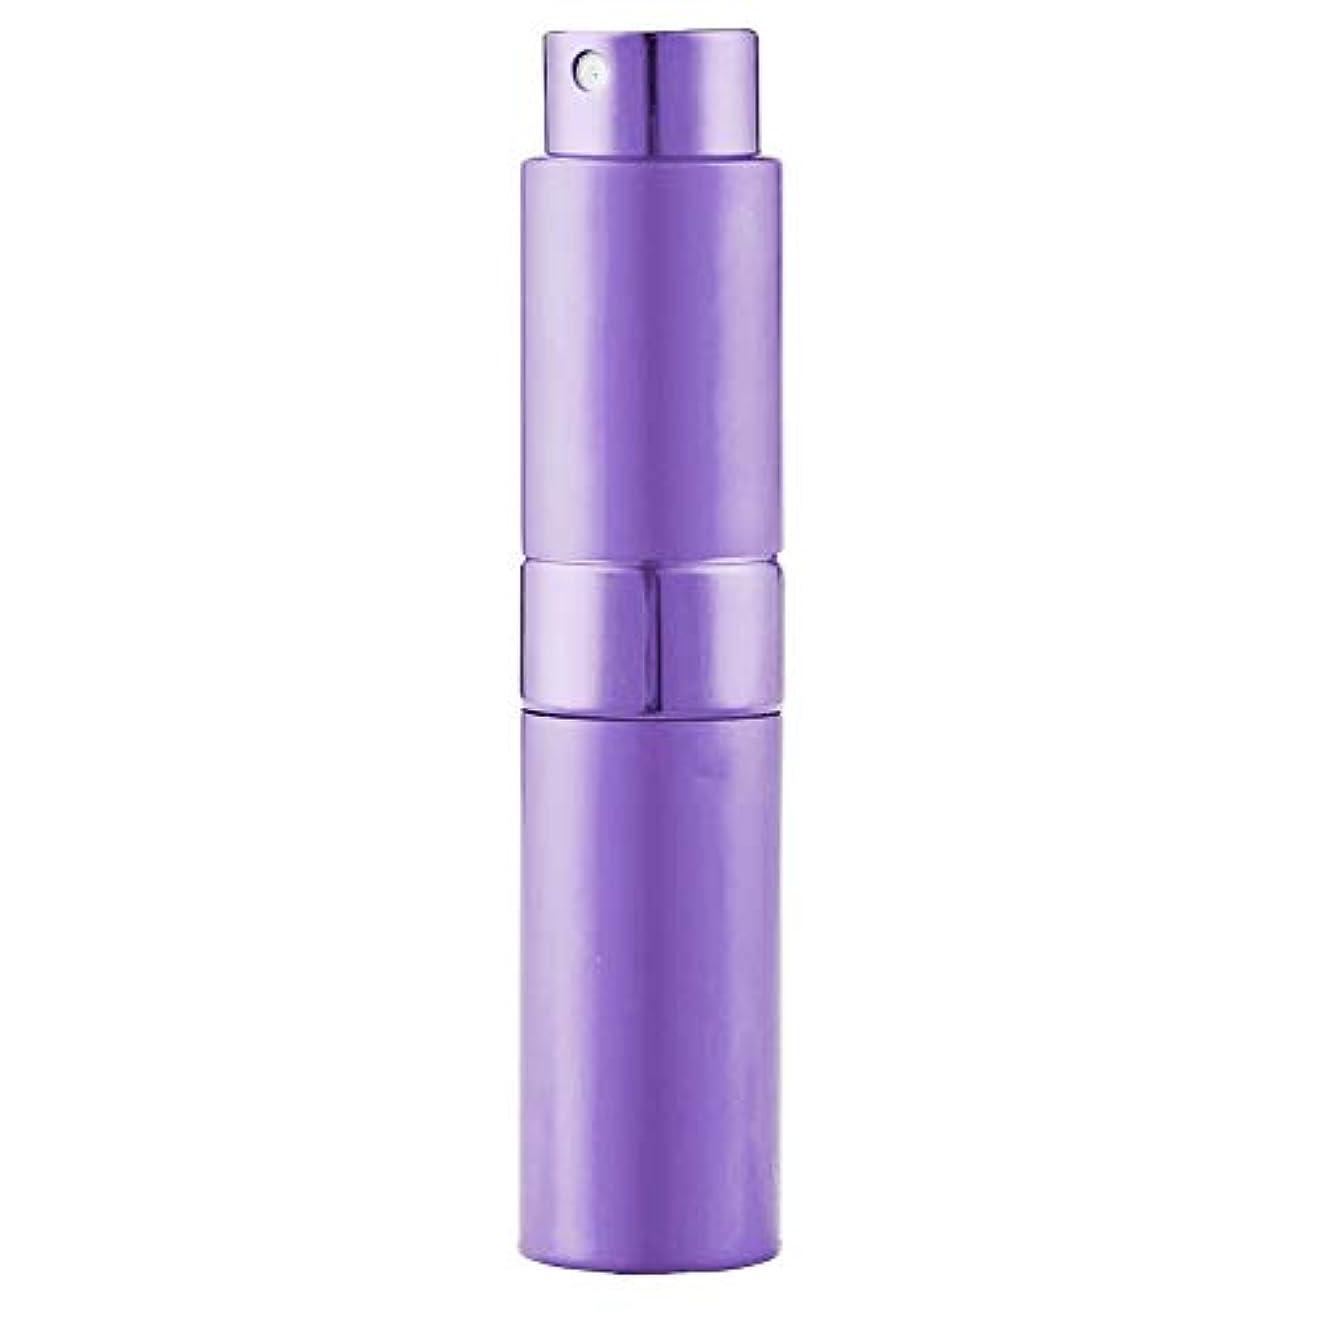 バックポジティブ圧力Ladygogo 香水アトマイザーセット 回転プッシュ式 スプレー ボトル 香水スプレー 詰め替え 持ち運び 身だしなみ 携帯用 男女兼用 (紫)